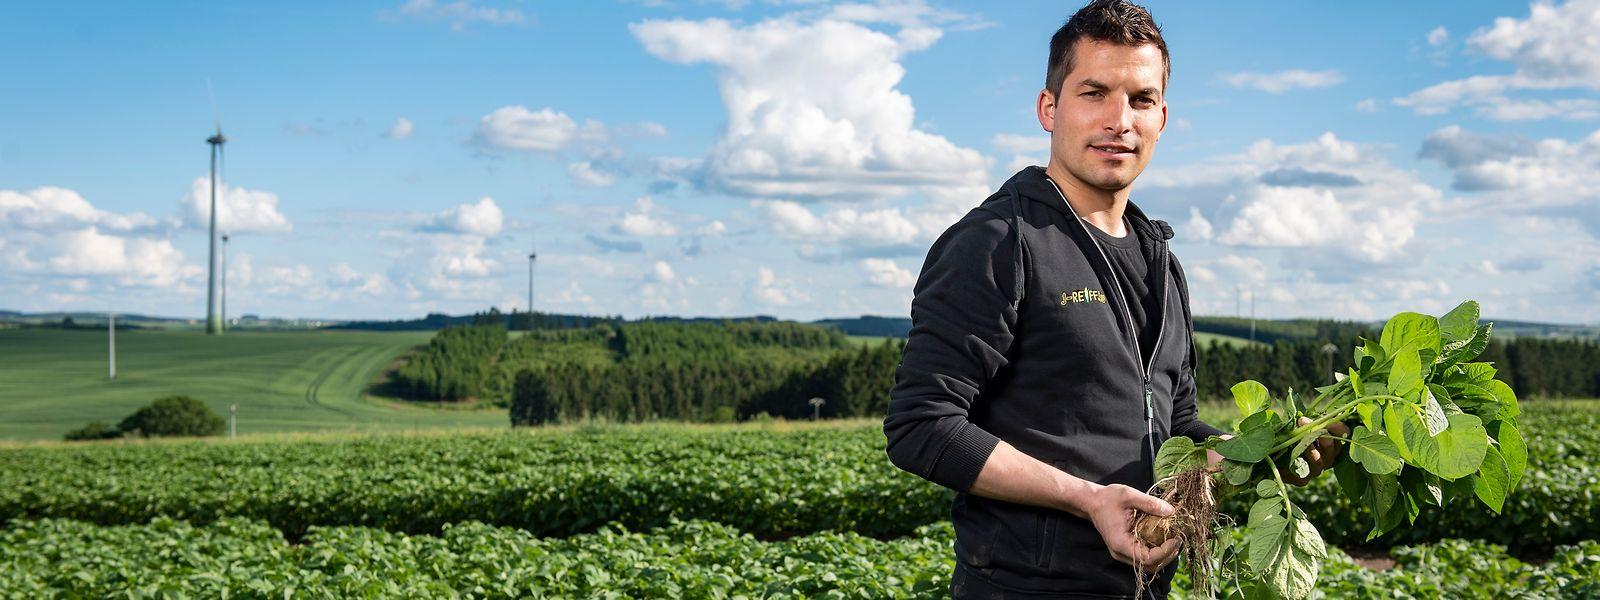 """Jeff Reiff könnte zum nächsten """"Landwirt des Jahres"""" gekürt werden."""